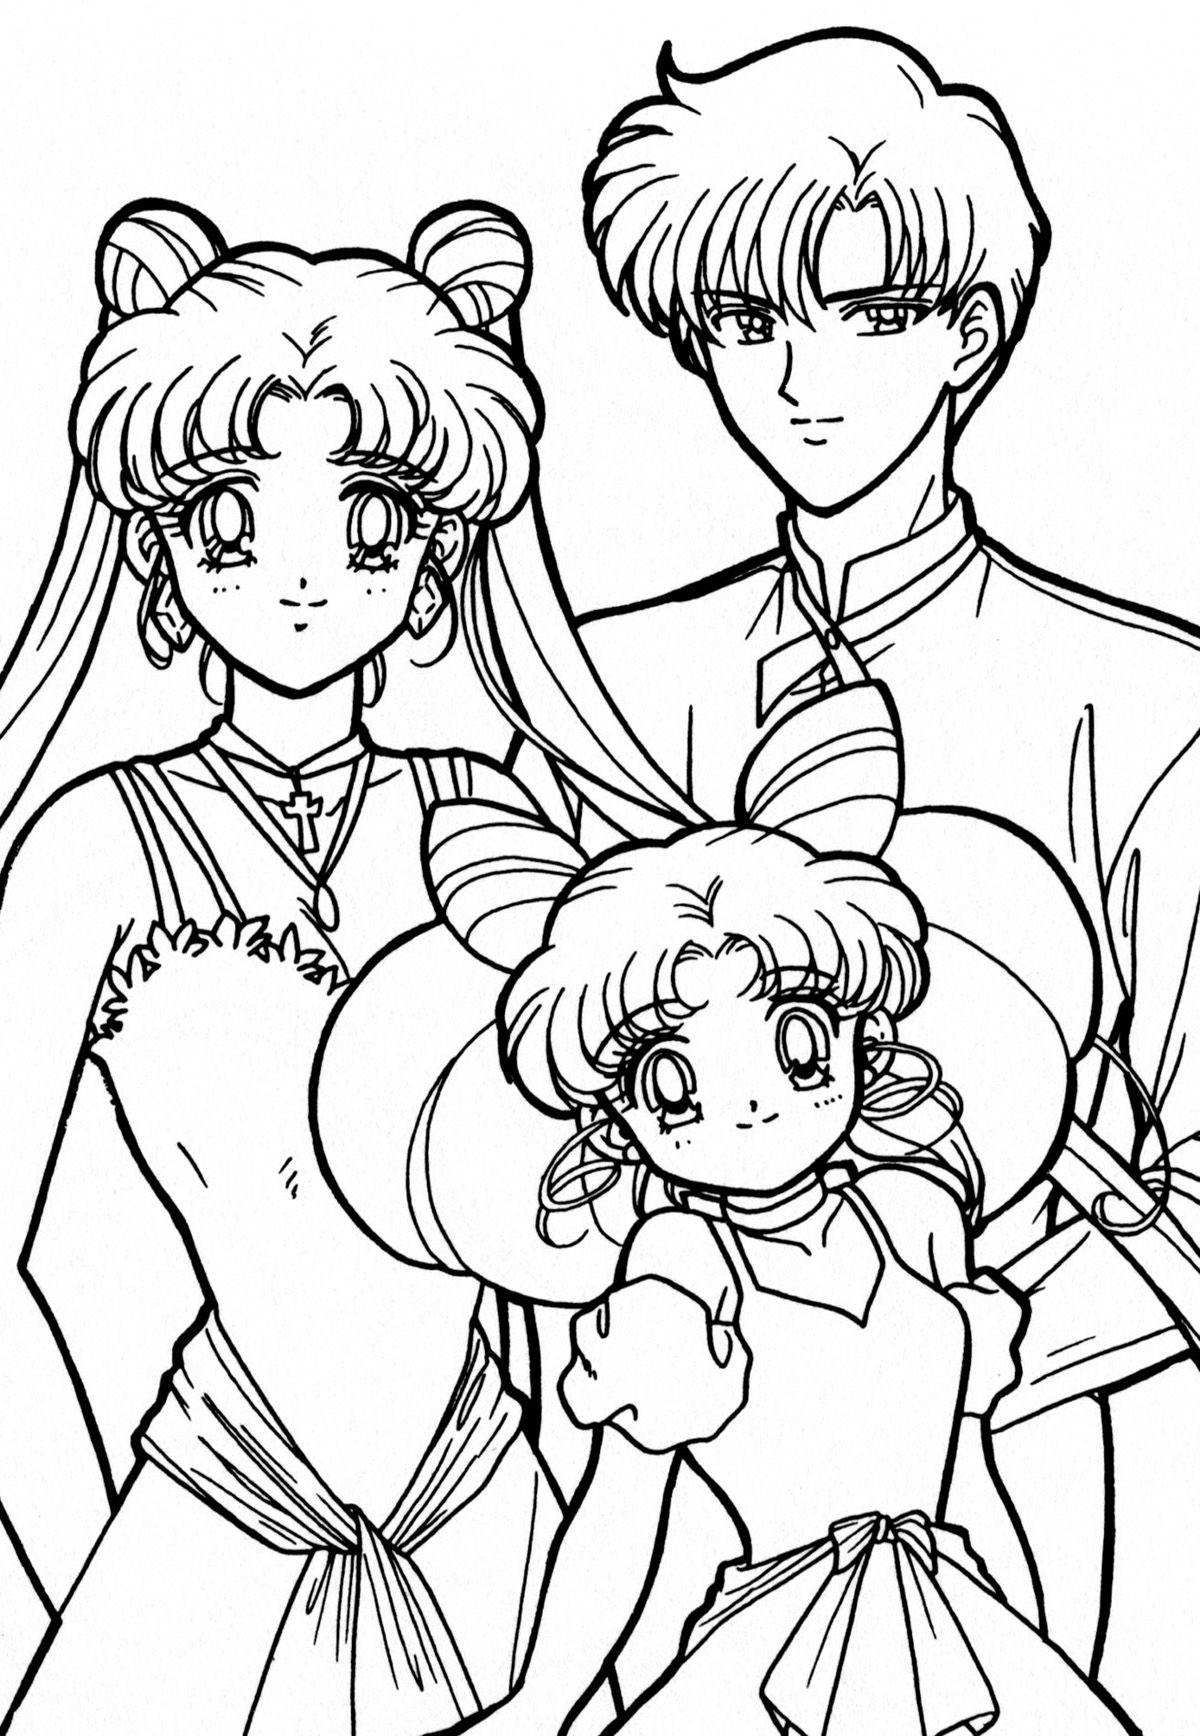 Usagi Mamoru And Chibiusa Coloring Page Sailormoon